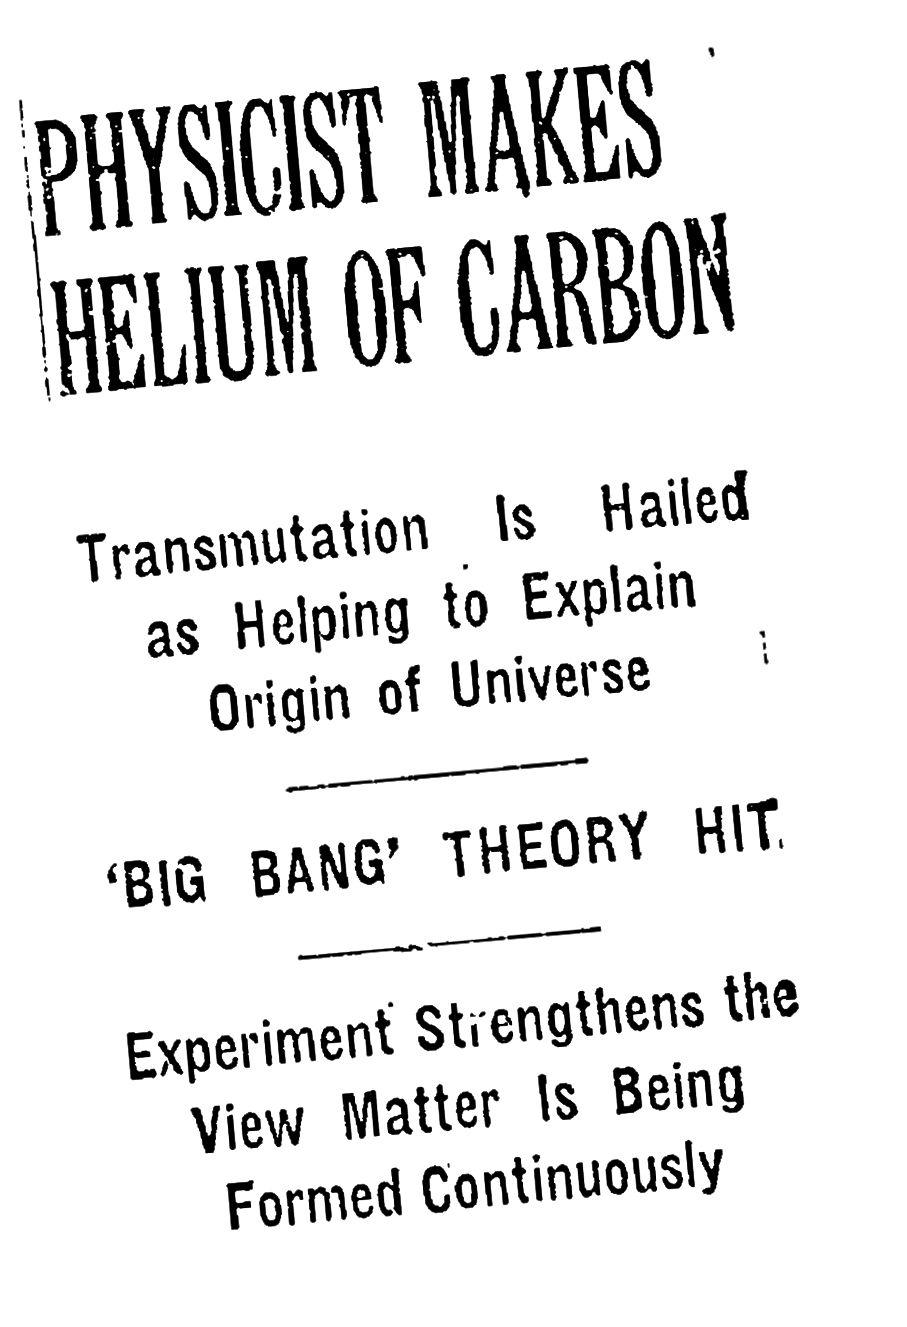 Tähtede nukleosünteesi õnnestumist kuulutavad pealkirjad ja raskemate elementide alfa-beeta-gamma ennustused Kujutise krediit: New York Times.